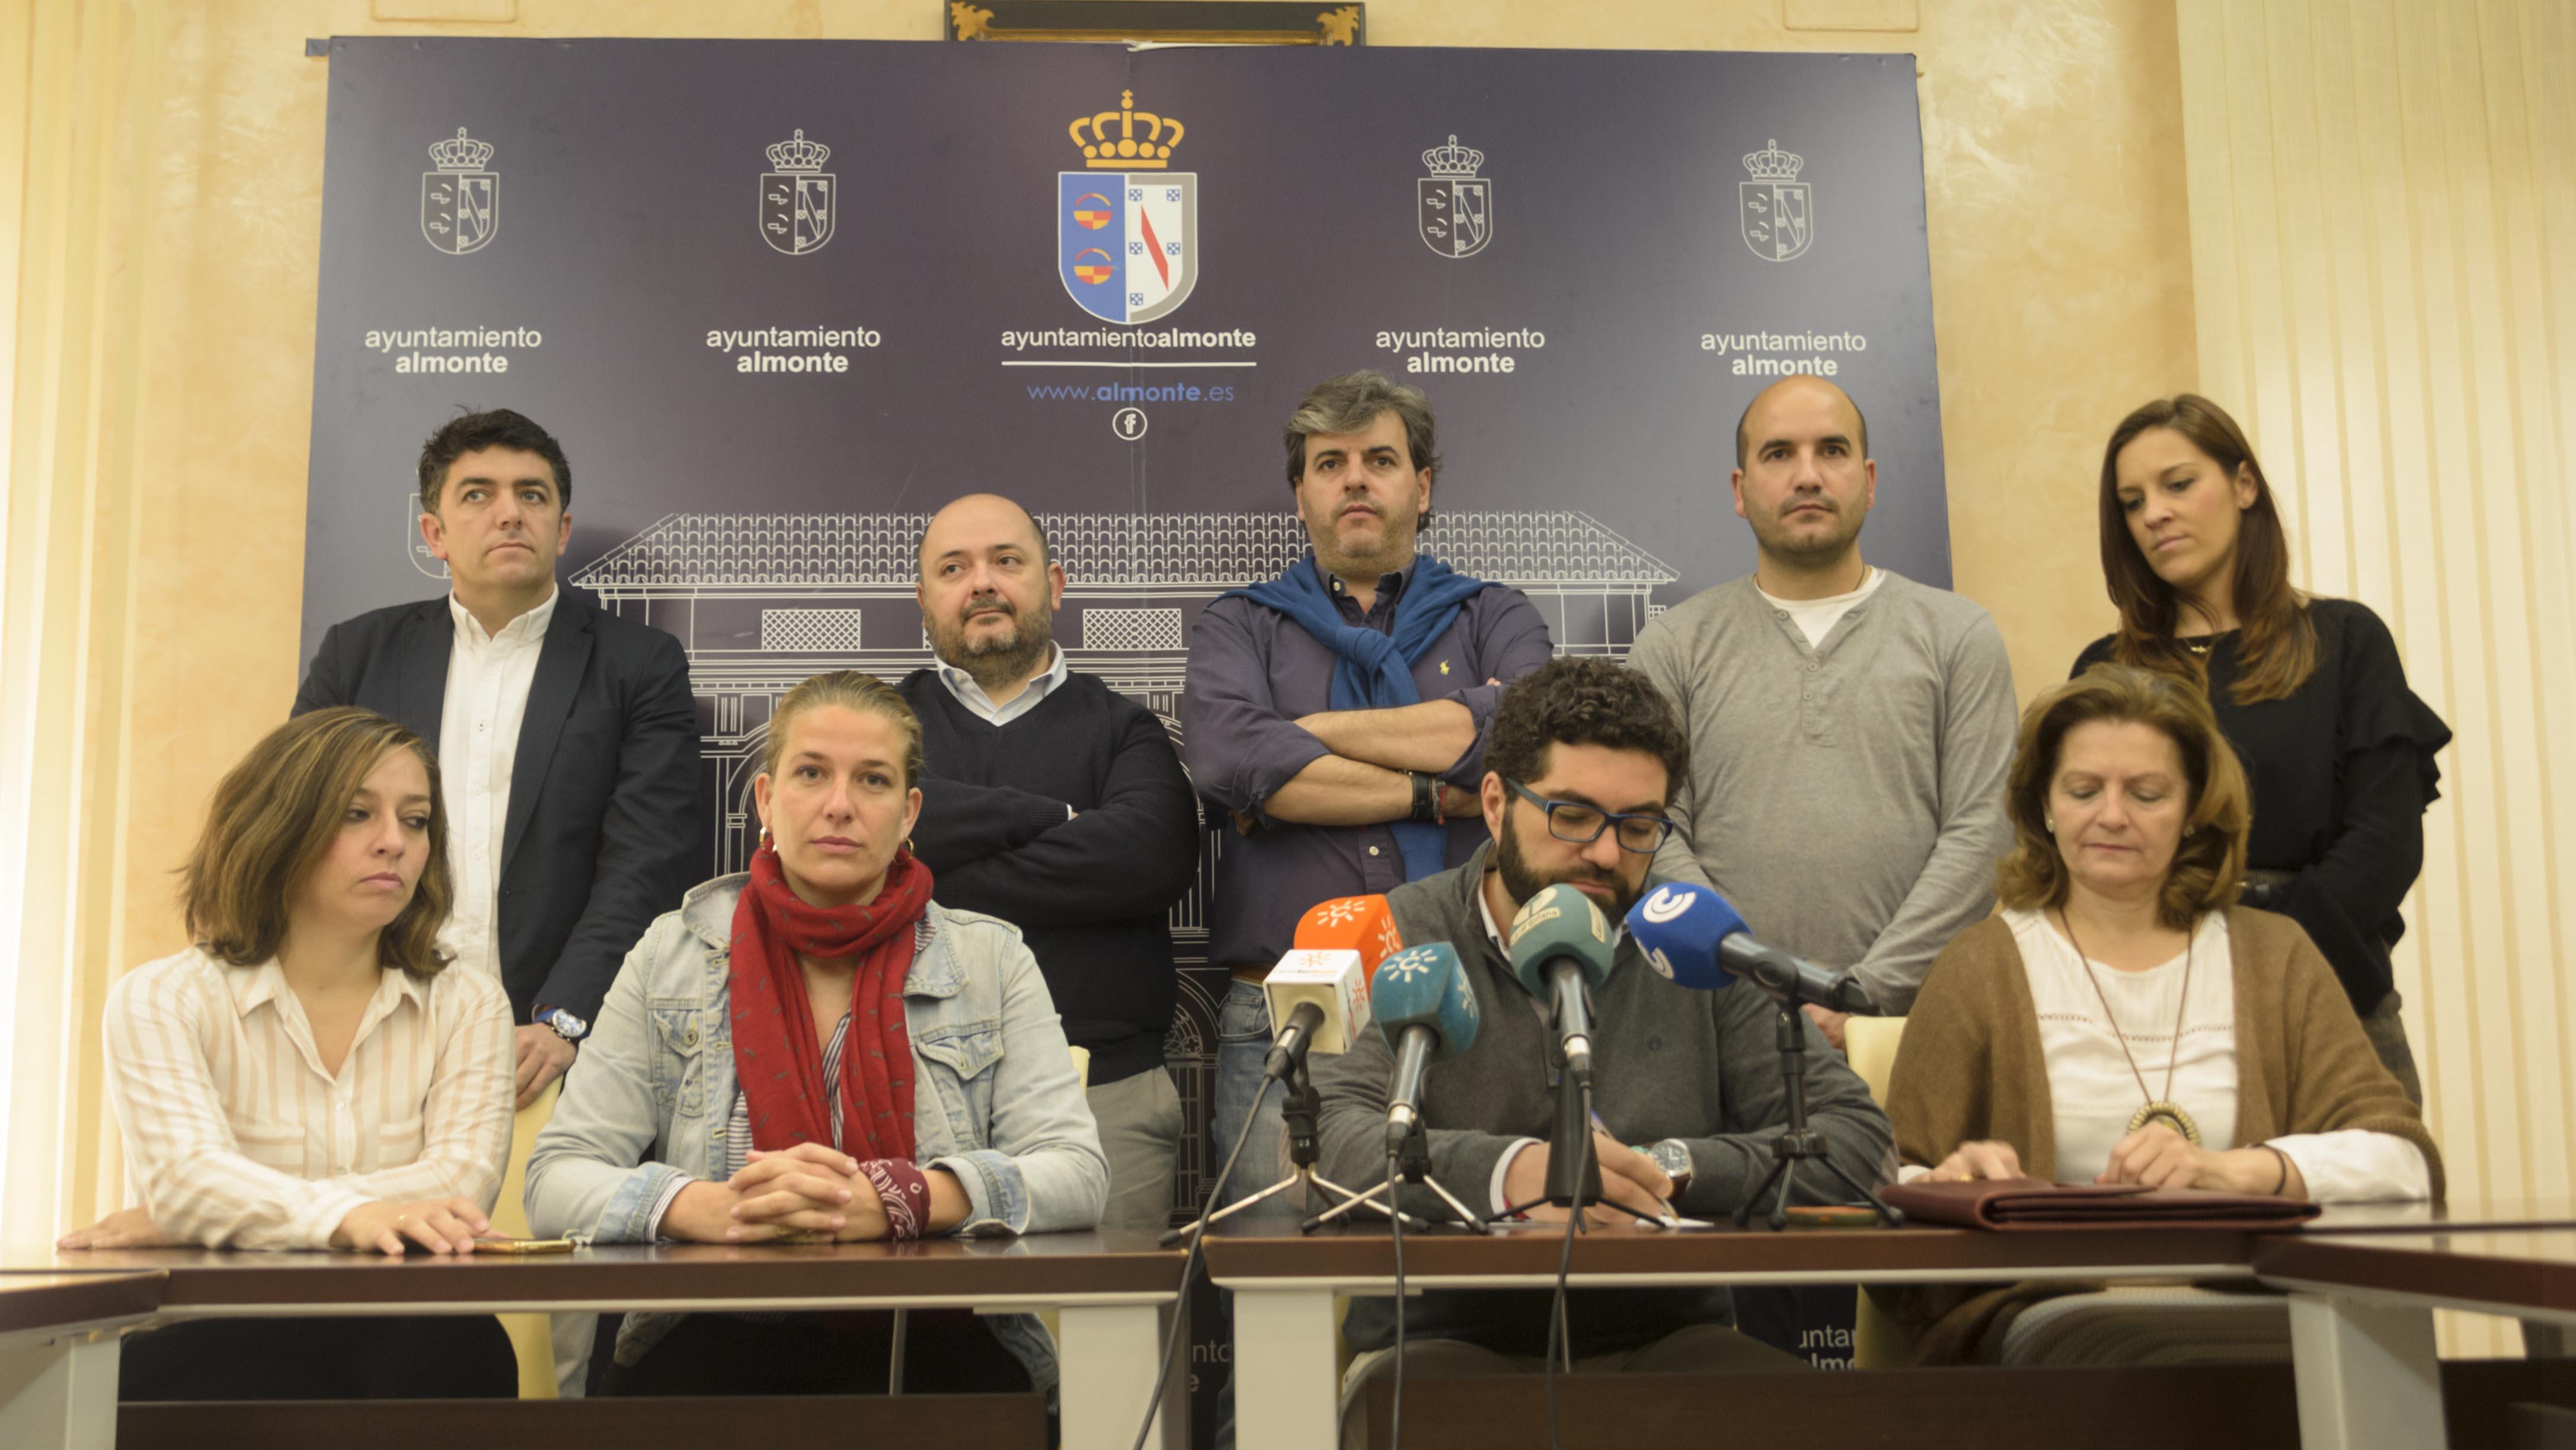 Los concejales del PSOE Almonte muestran su apoyo a la alcaldesa Rocío Espinosa